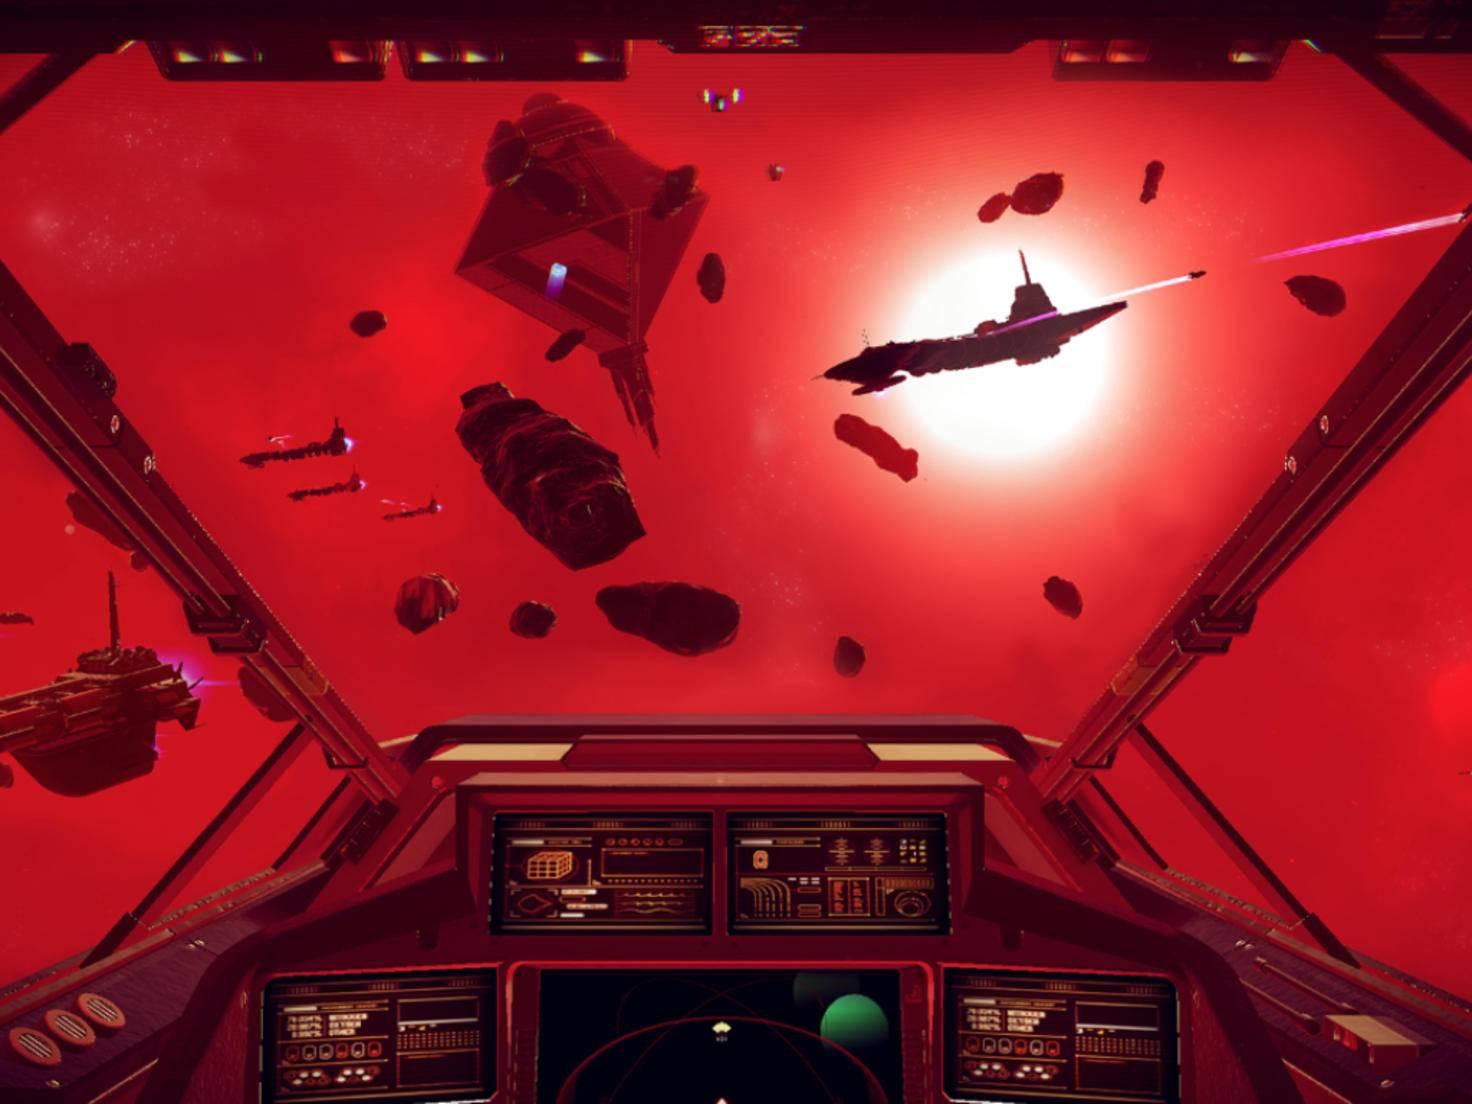 Die Reise zu anderen Planeten kann mitunter mehrere Stunden dauern.